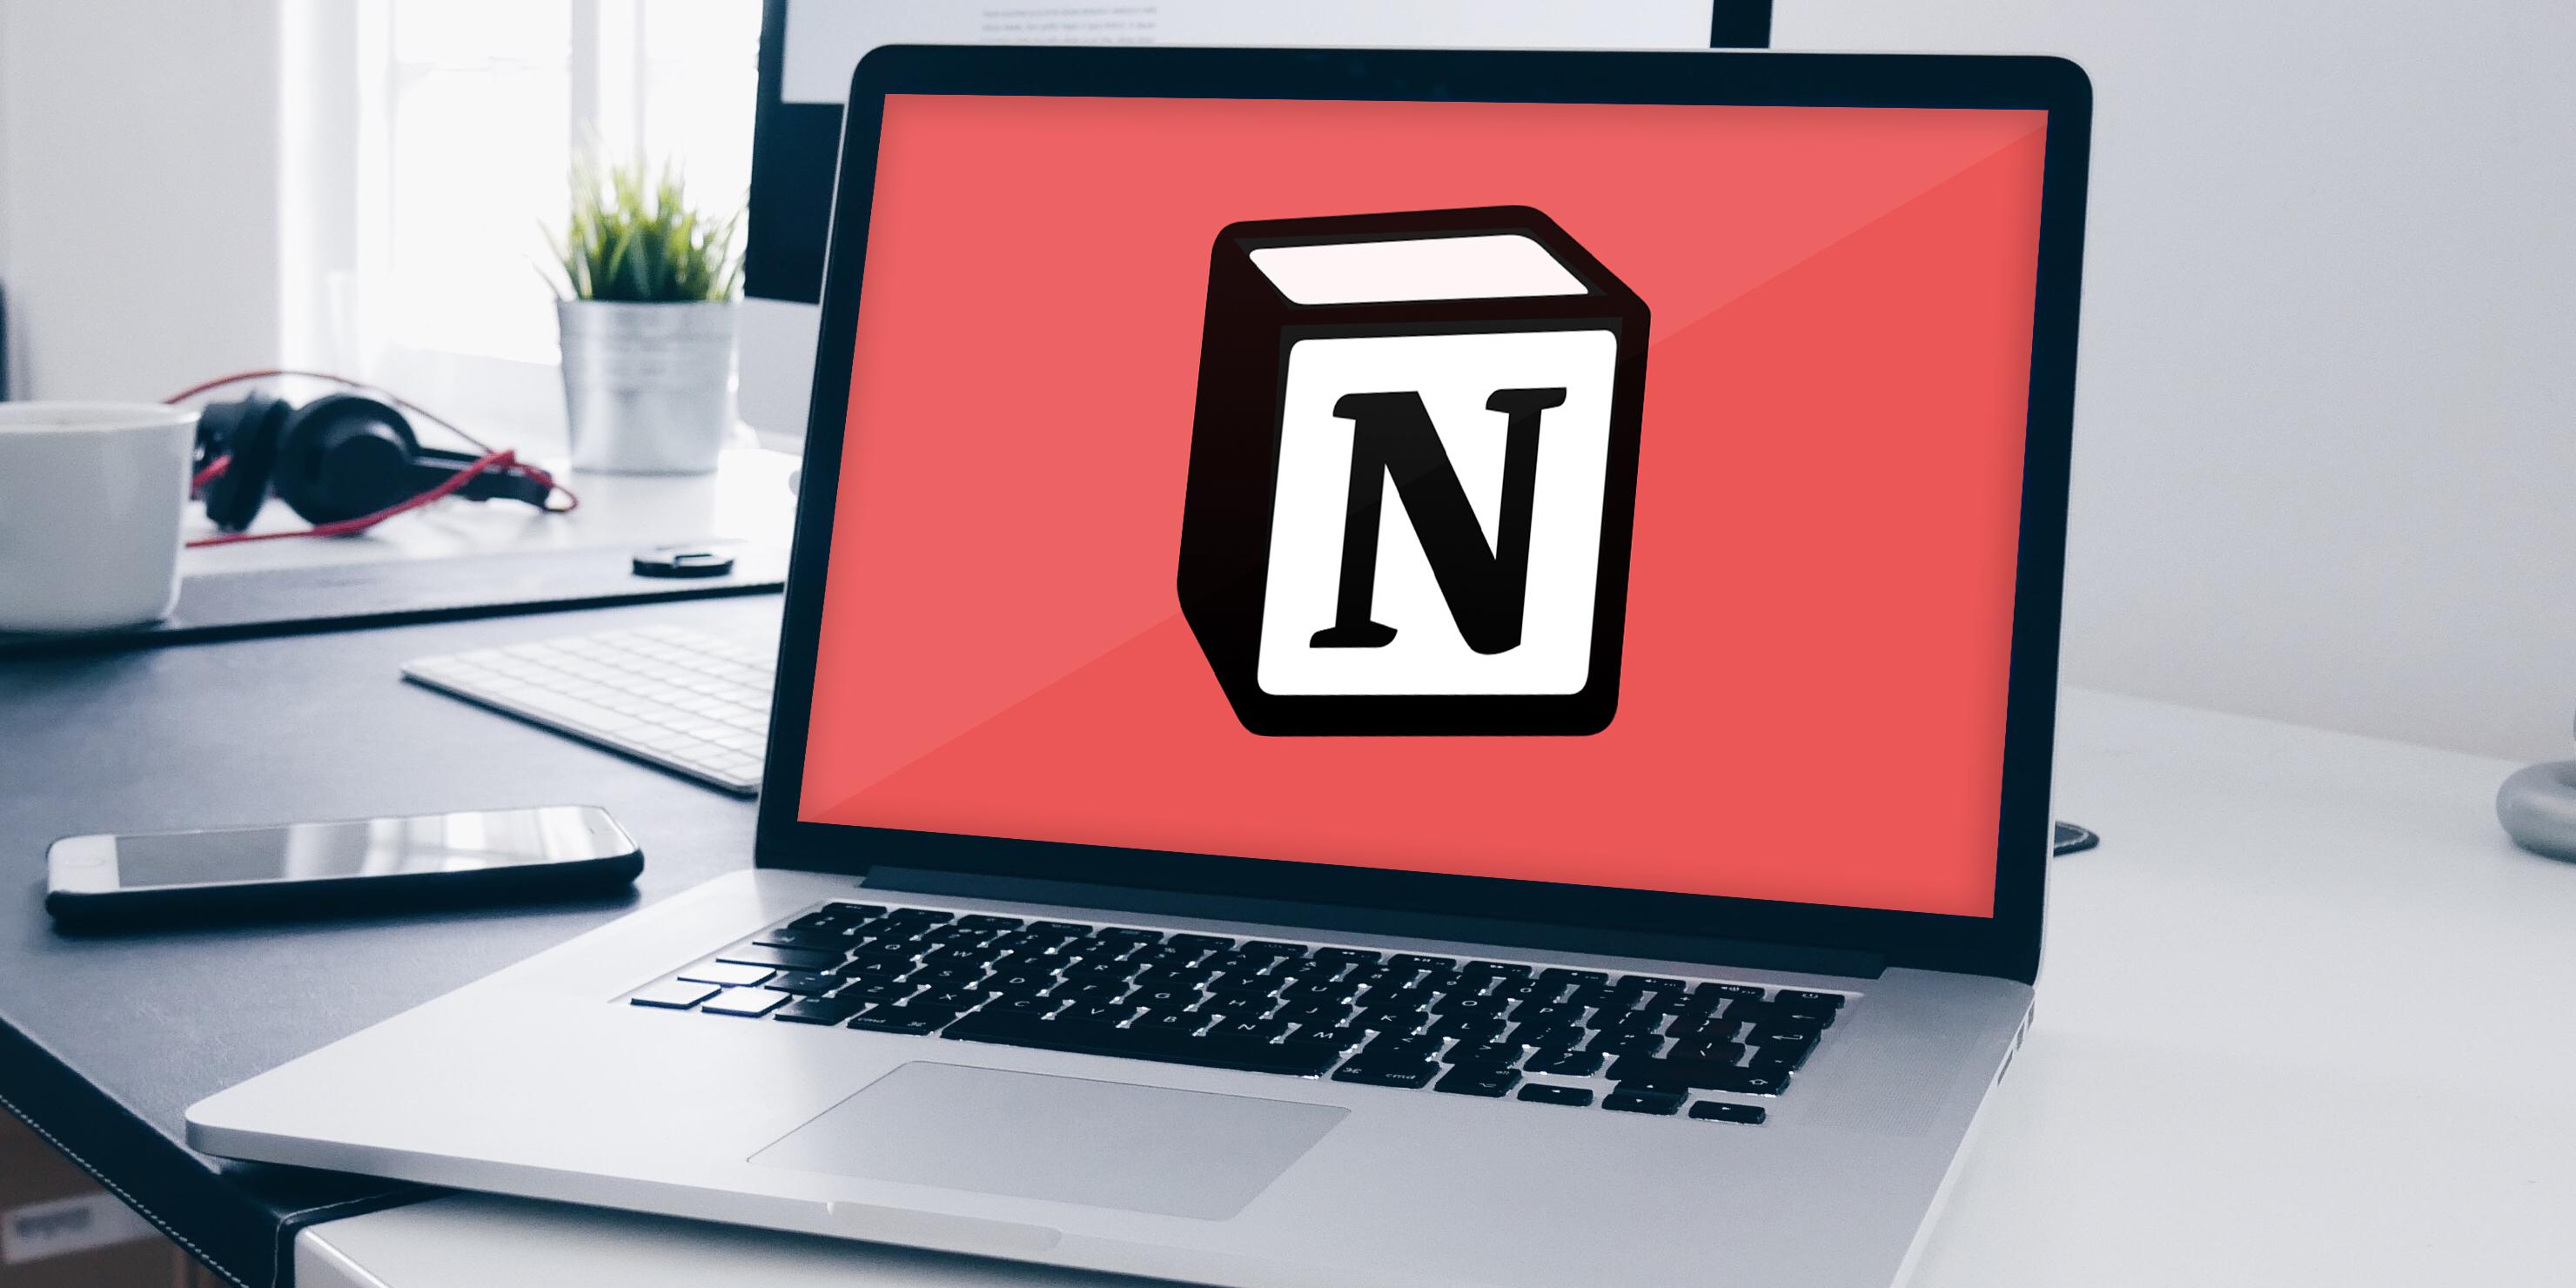 Notion стал полностью бесплатным для личного использования